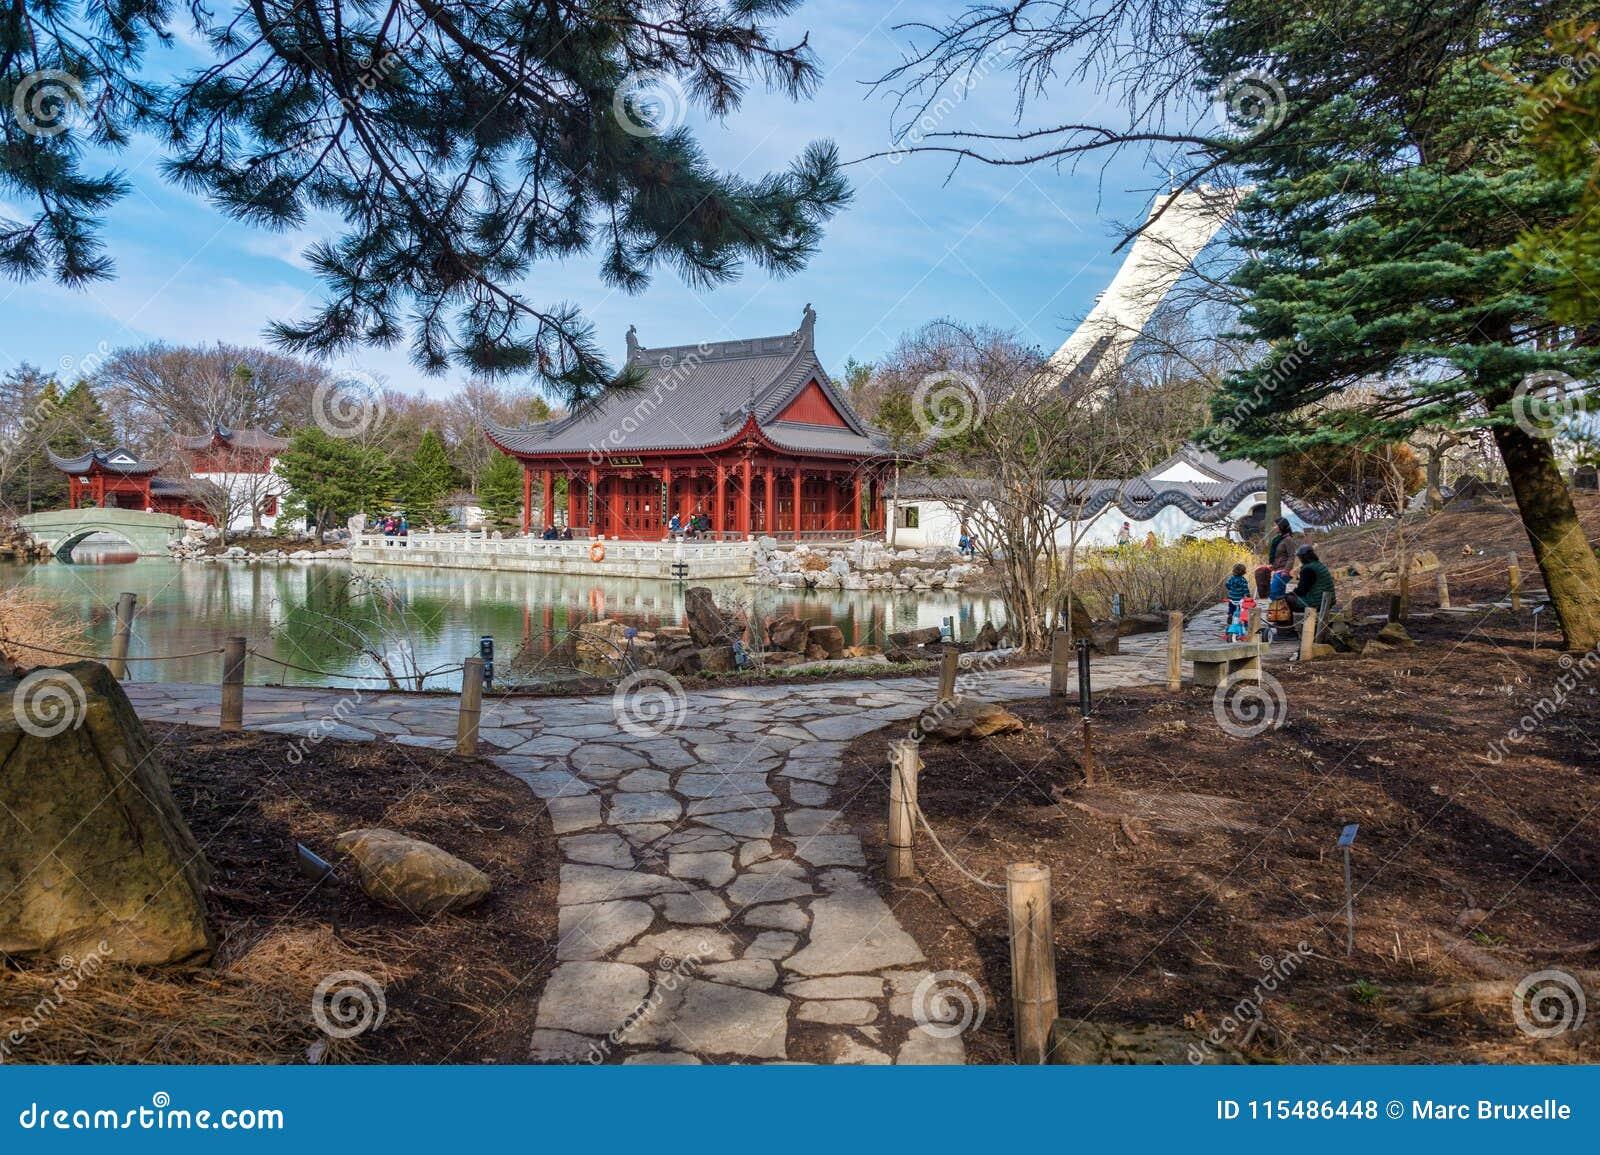 Китайский сад сада Монреаля ботанического